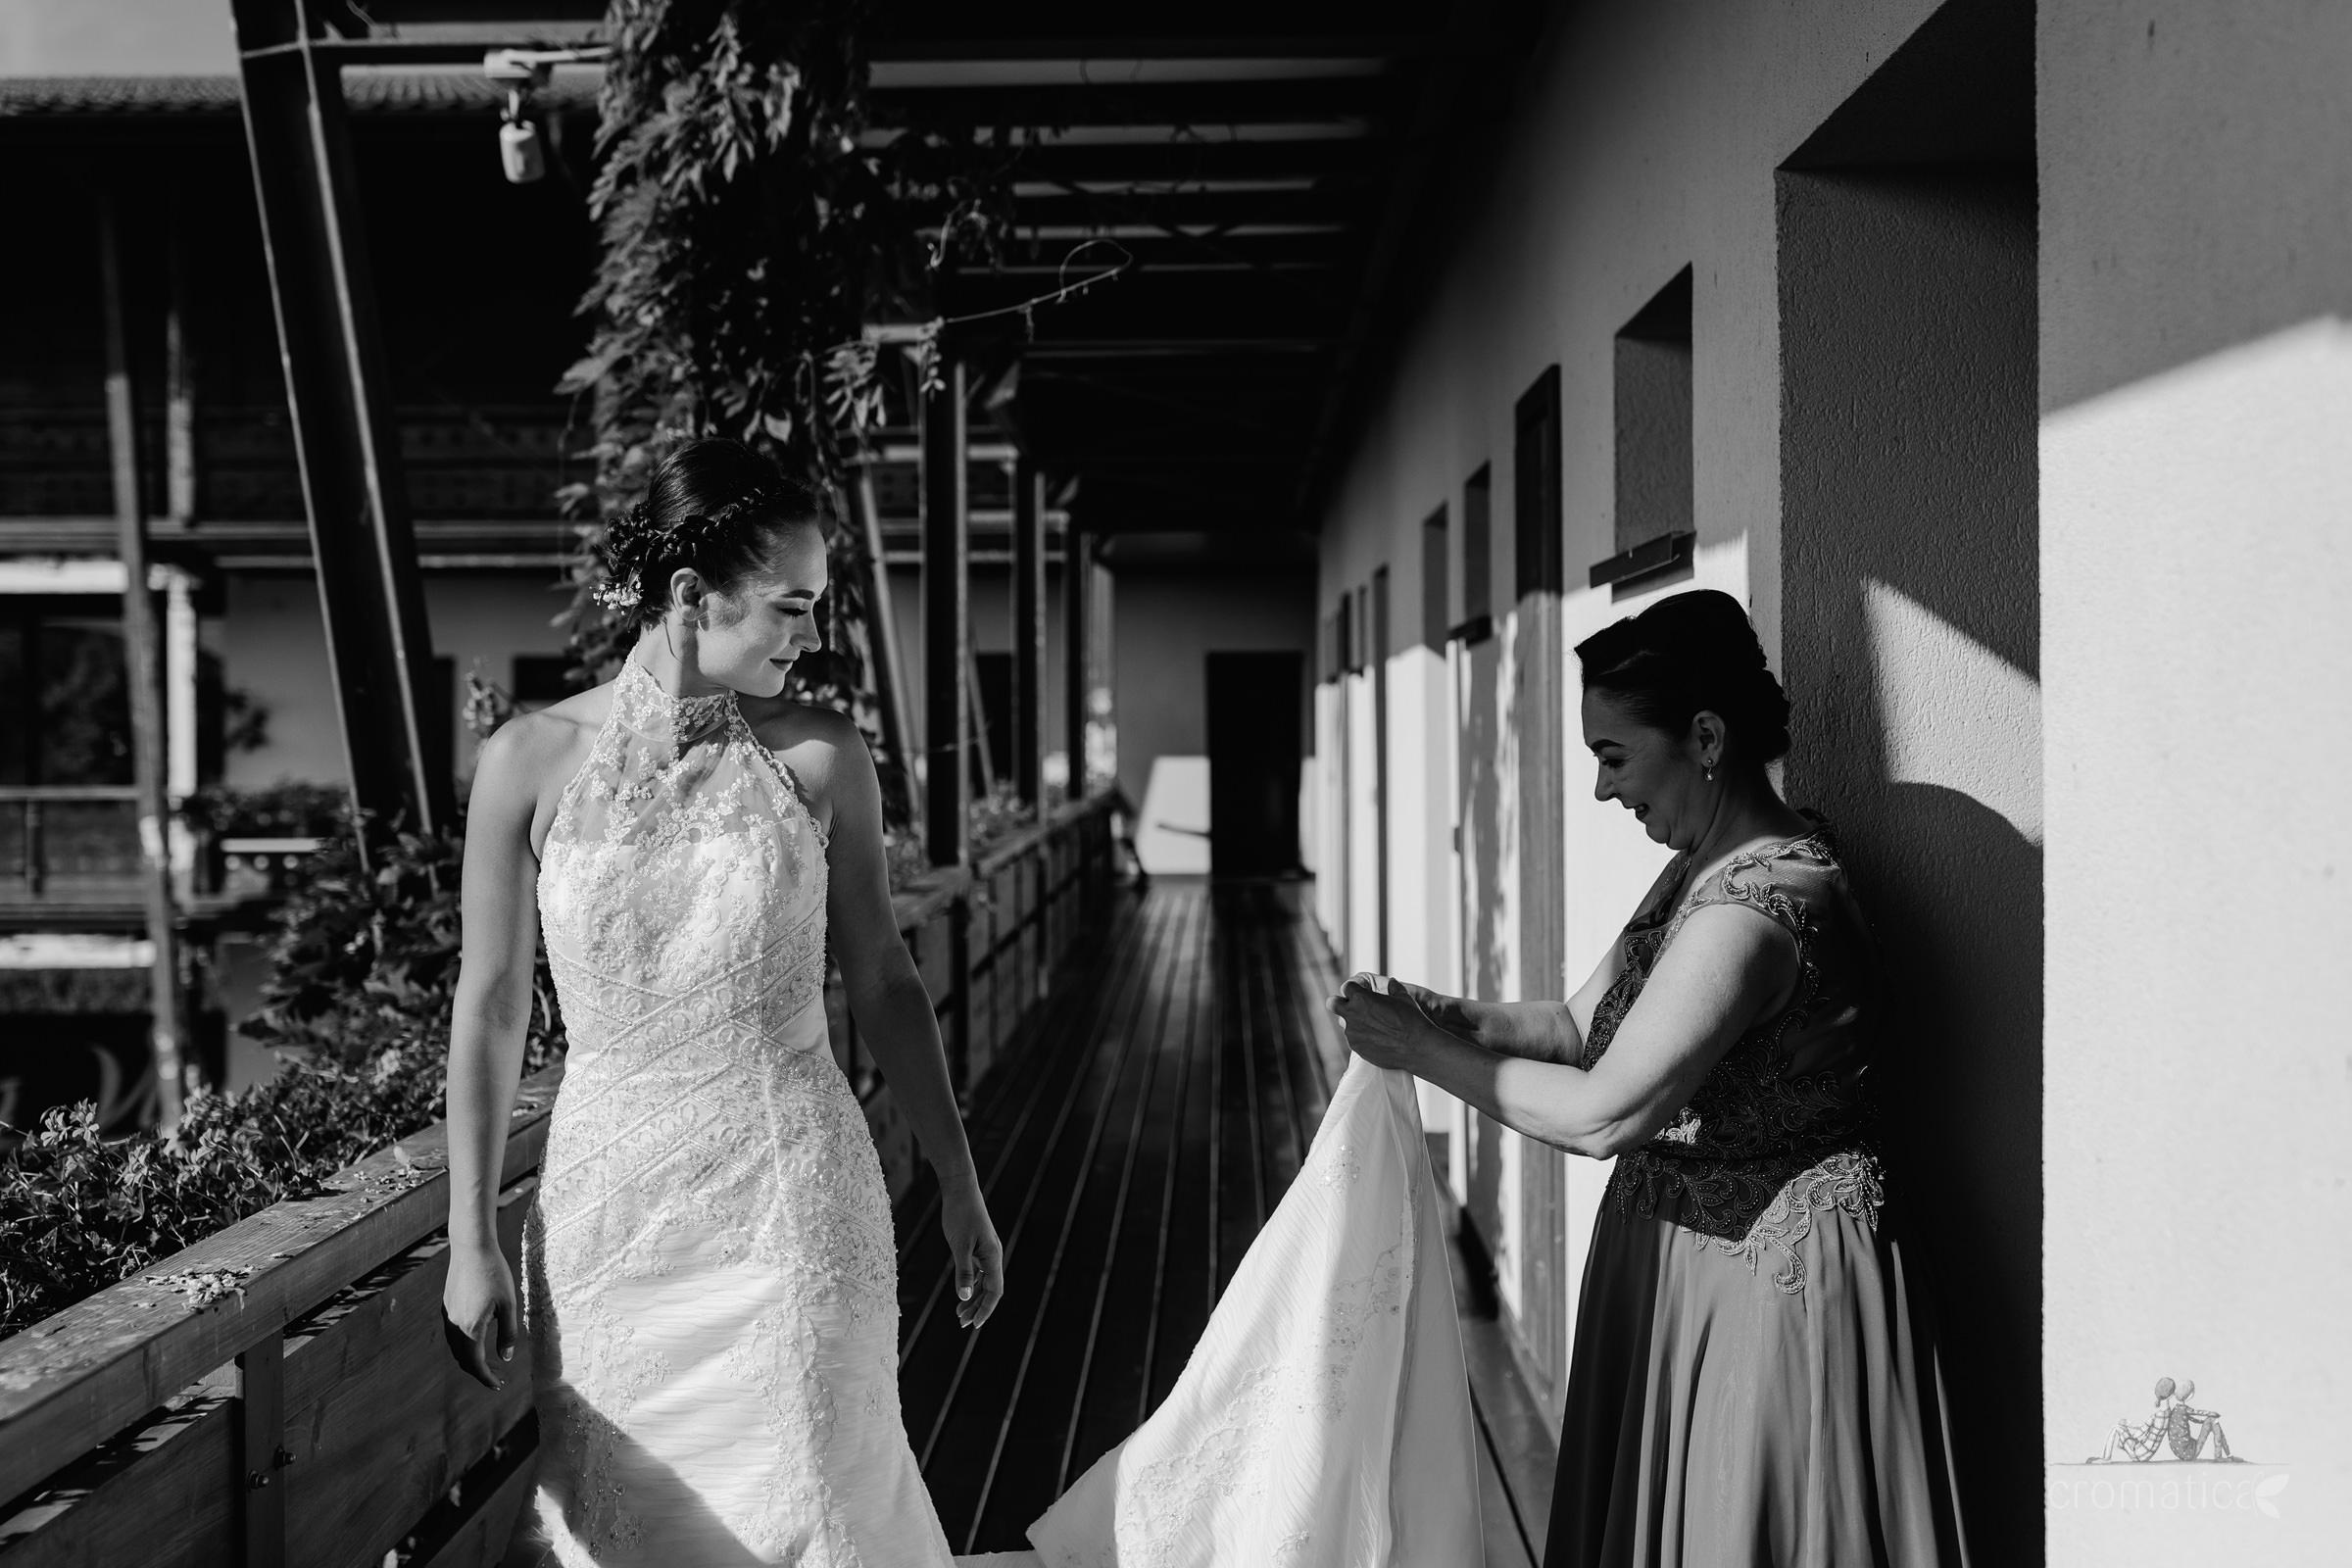 georgiana robert fotografii nunta casa vlasia 027